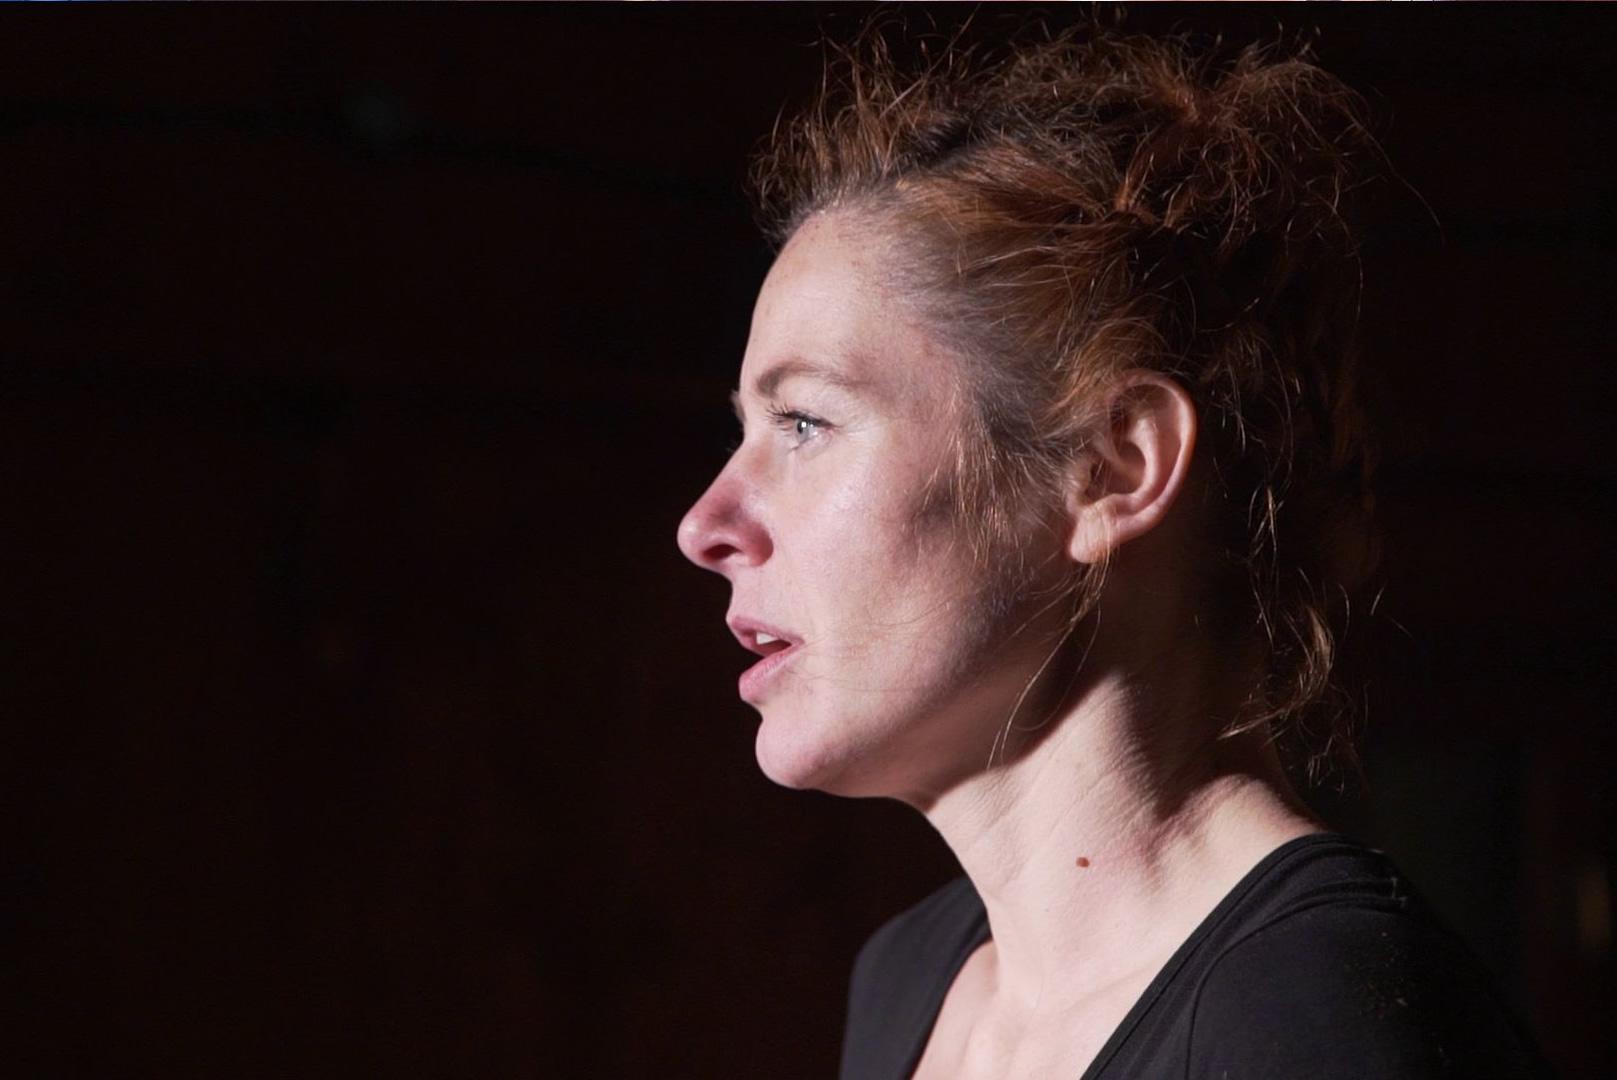 """Monodramat """"Słodka"""" - Marta Pohrebna, reż. Małgorzata Paszkier - Wojcieszonek"""